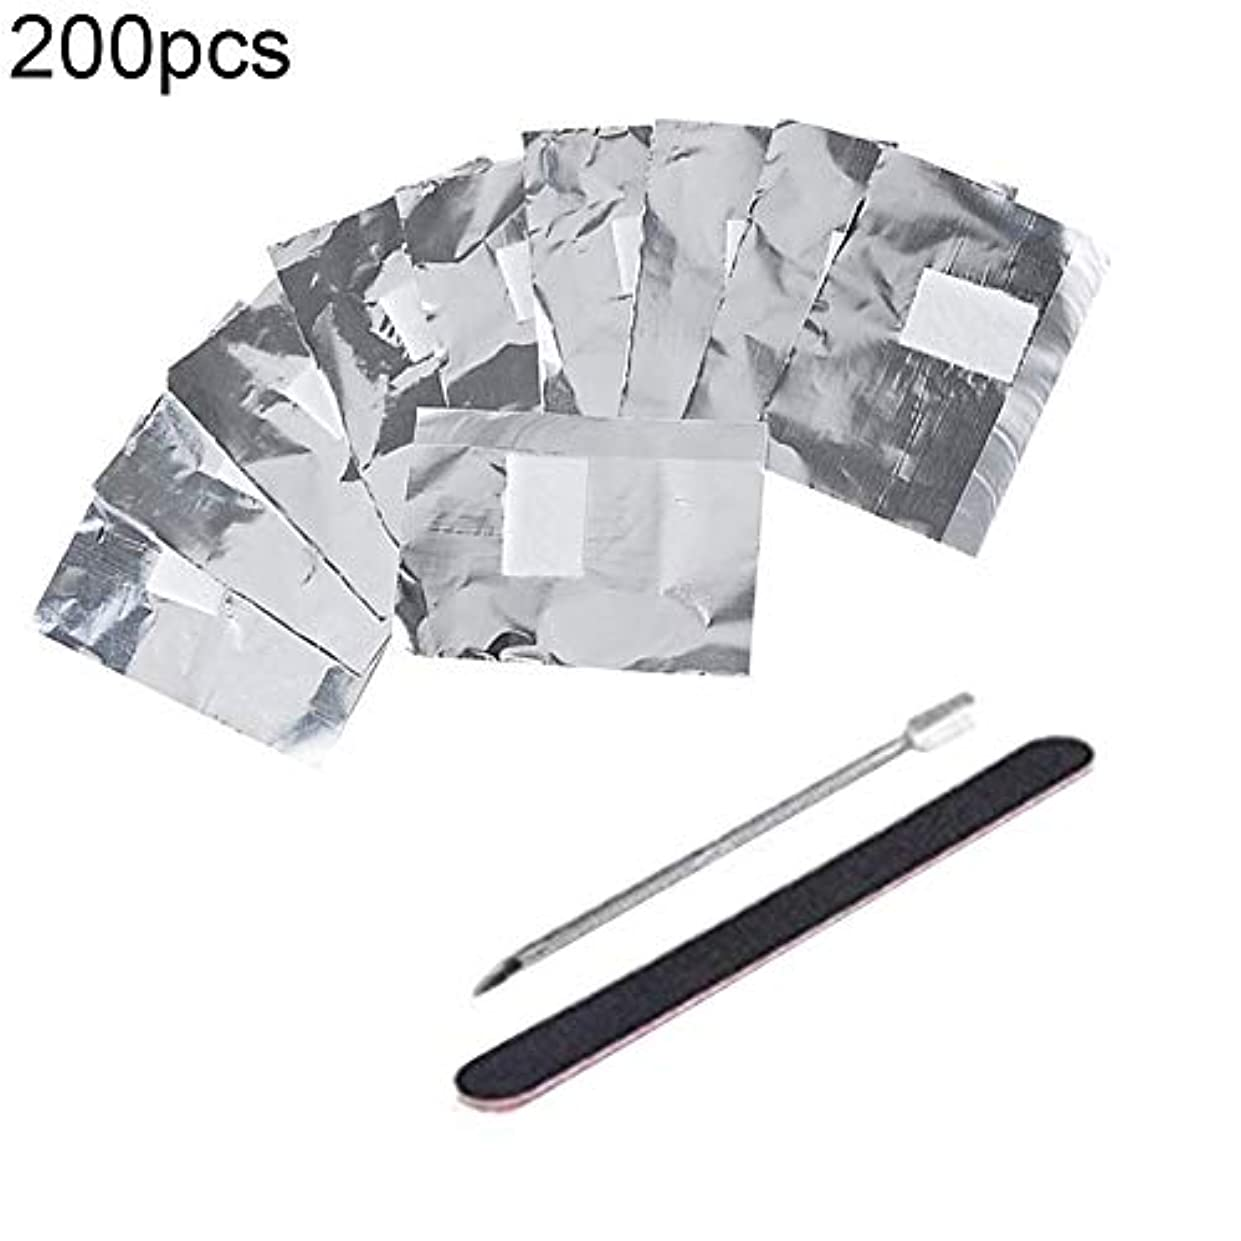 衝突する認証達成slQinjiansavネイルアート&ツール修復ツール50/100/200Pcsネイルポリッシュリムーバーホイルラップ浸漬ゲル除去コットンパッド - 100個